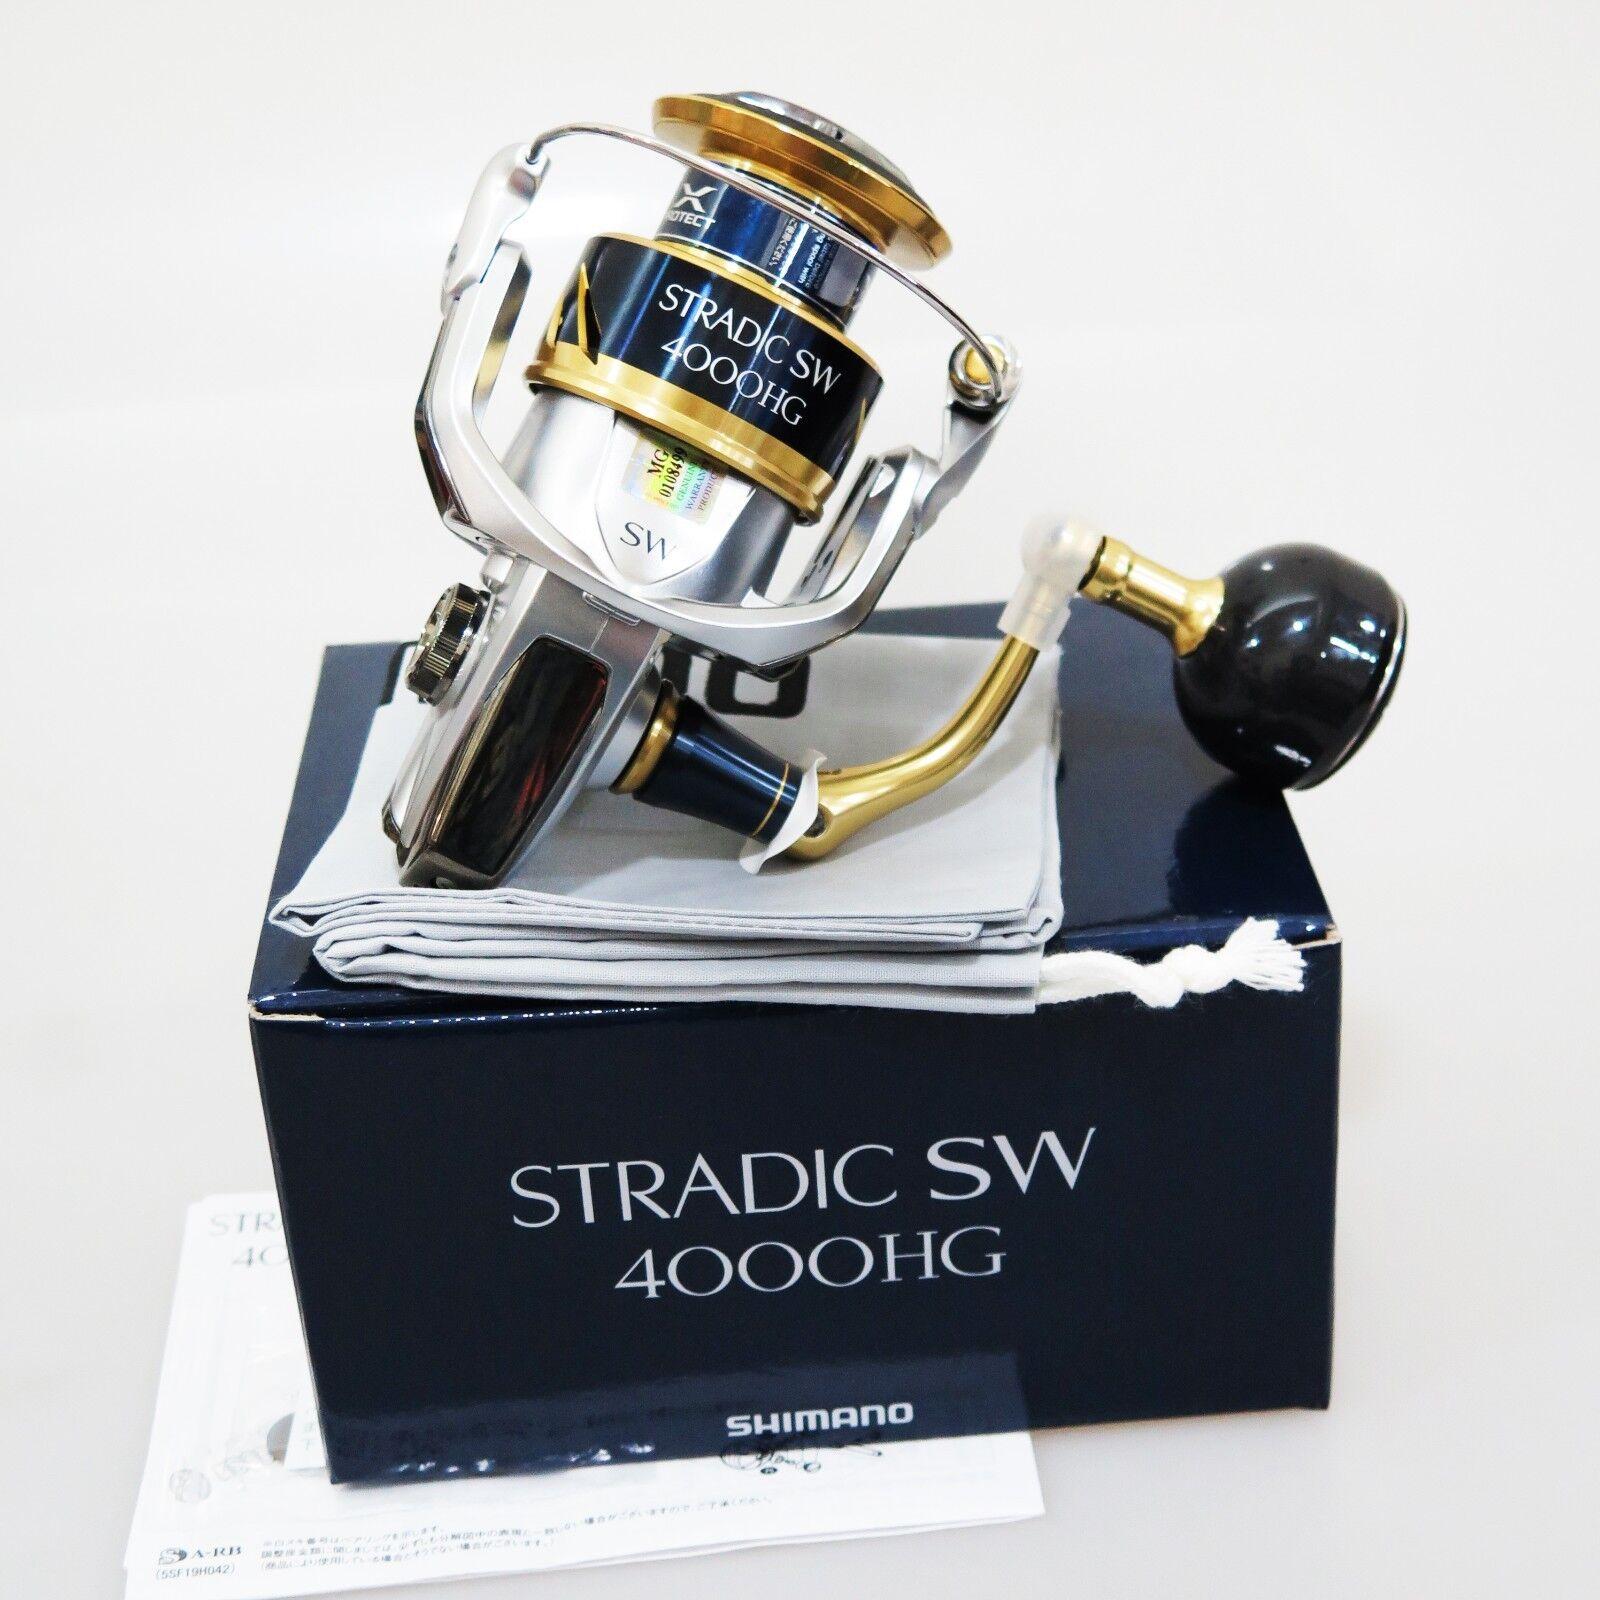 18 Shimano Stradic SW4000HG Spinning Cocheretes FedEx Priority 2 días Envío a EE. UU.